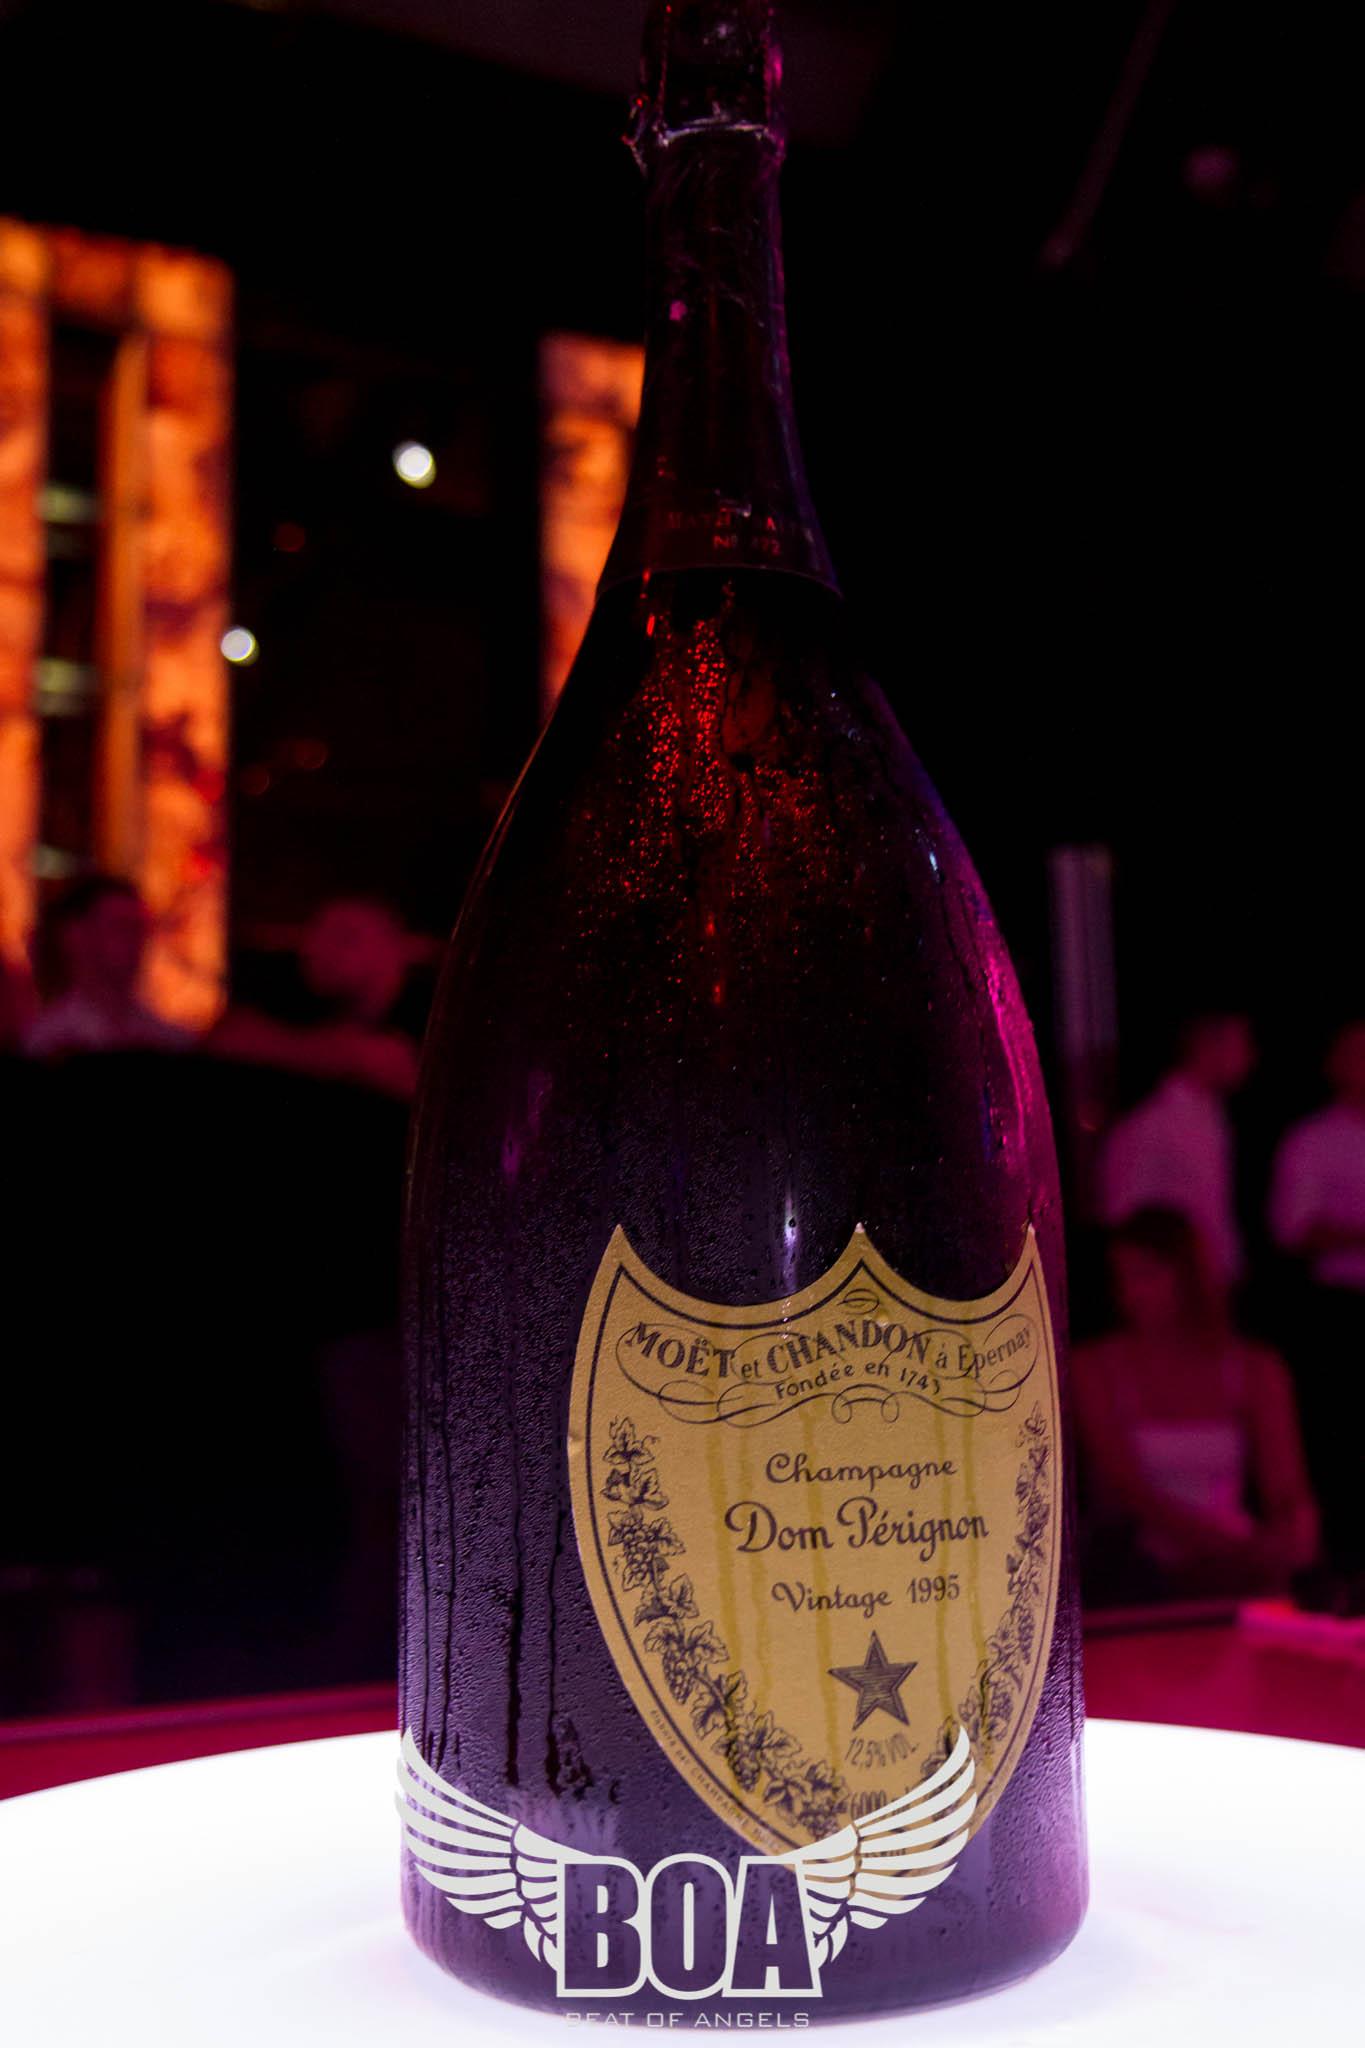 Fiul seicului miliardar a luat o sticla Mathusalem Dom Perignon Vintage 1995, care costa 20.000 de euro si golit stocul furnizorul din Bucuresti, dupa doua weekenduri incendiare